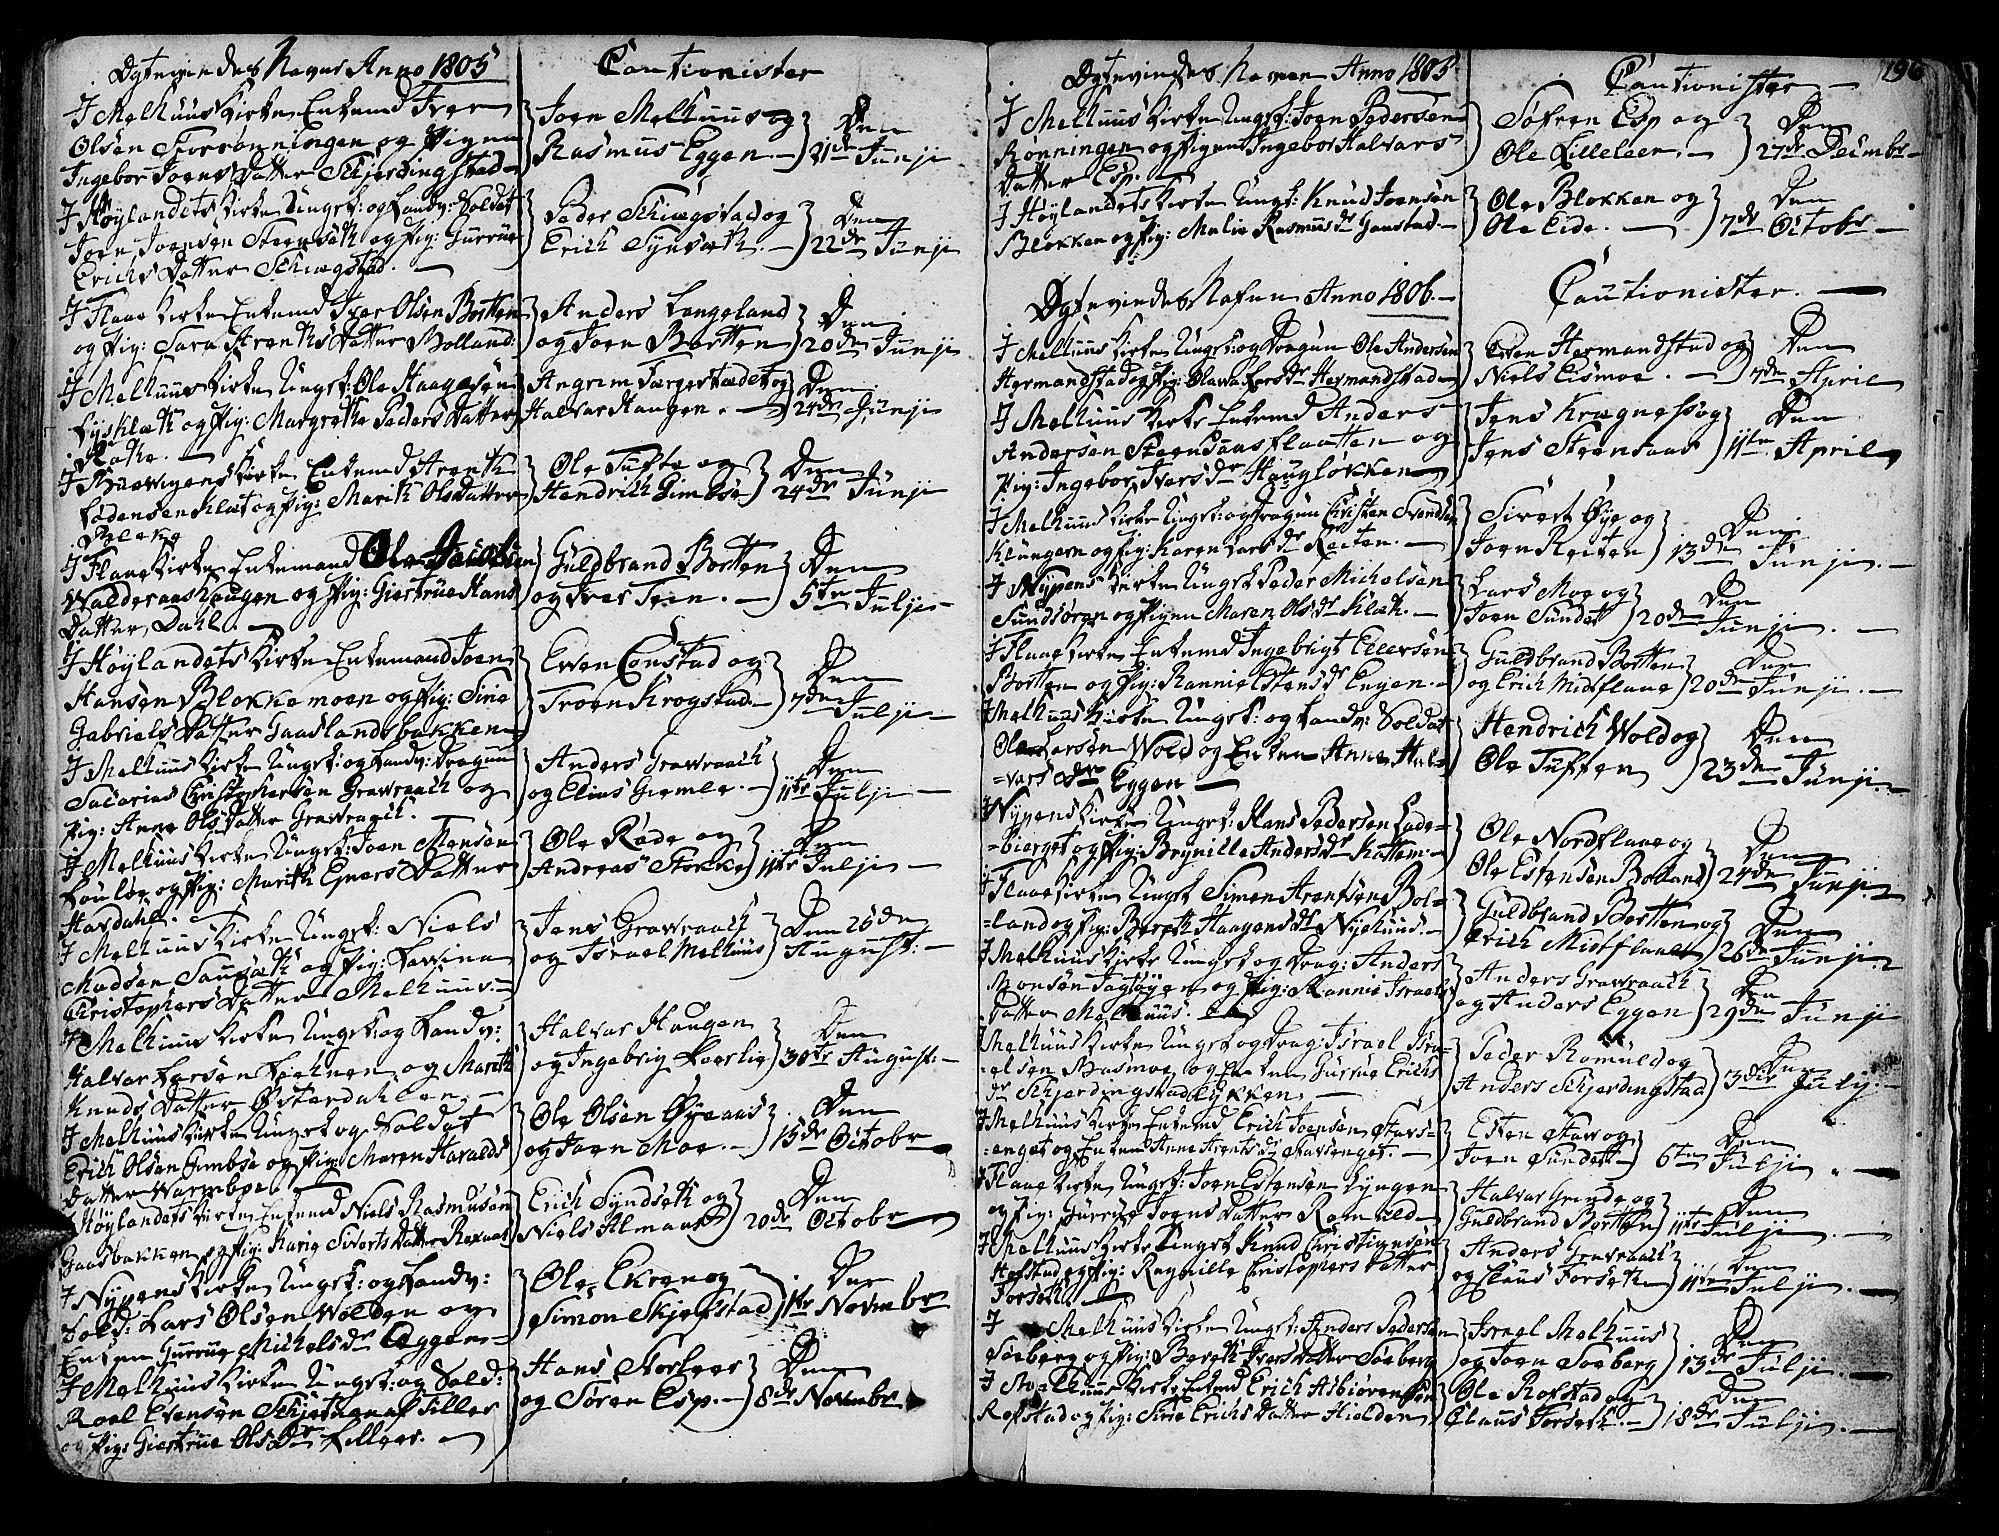 SAT, Ministerialprotokoller, klokkerbøker og fødselsregistre - Sør-Trøndelag, 691/L1061: Ministerialbok nr. 691A02 /1, 1768-1815, s. 196